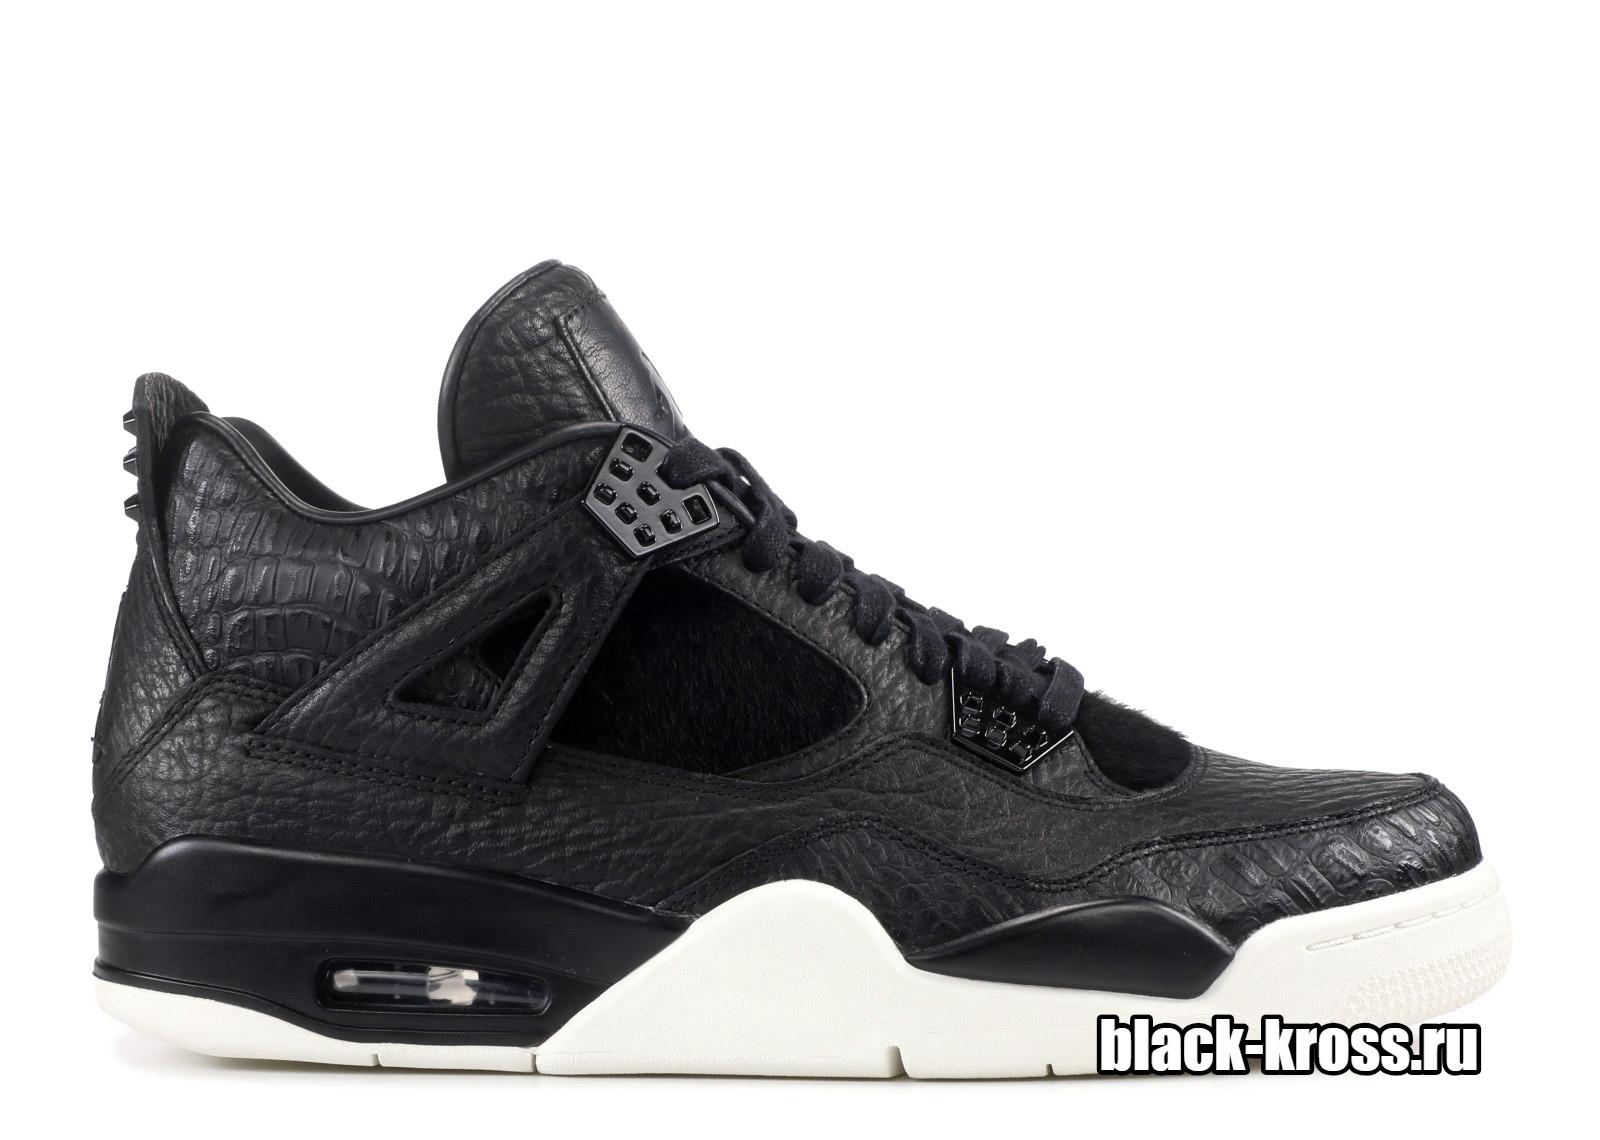 Nike Air Jordan 4 Retro Oreo (41-45)